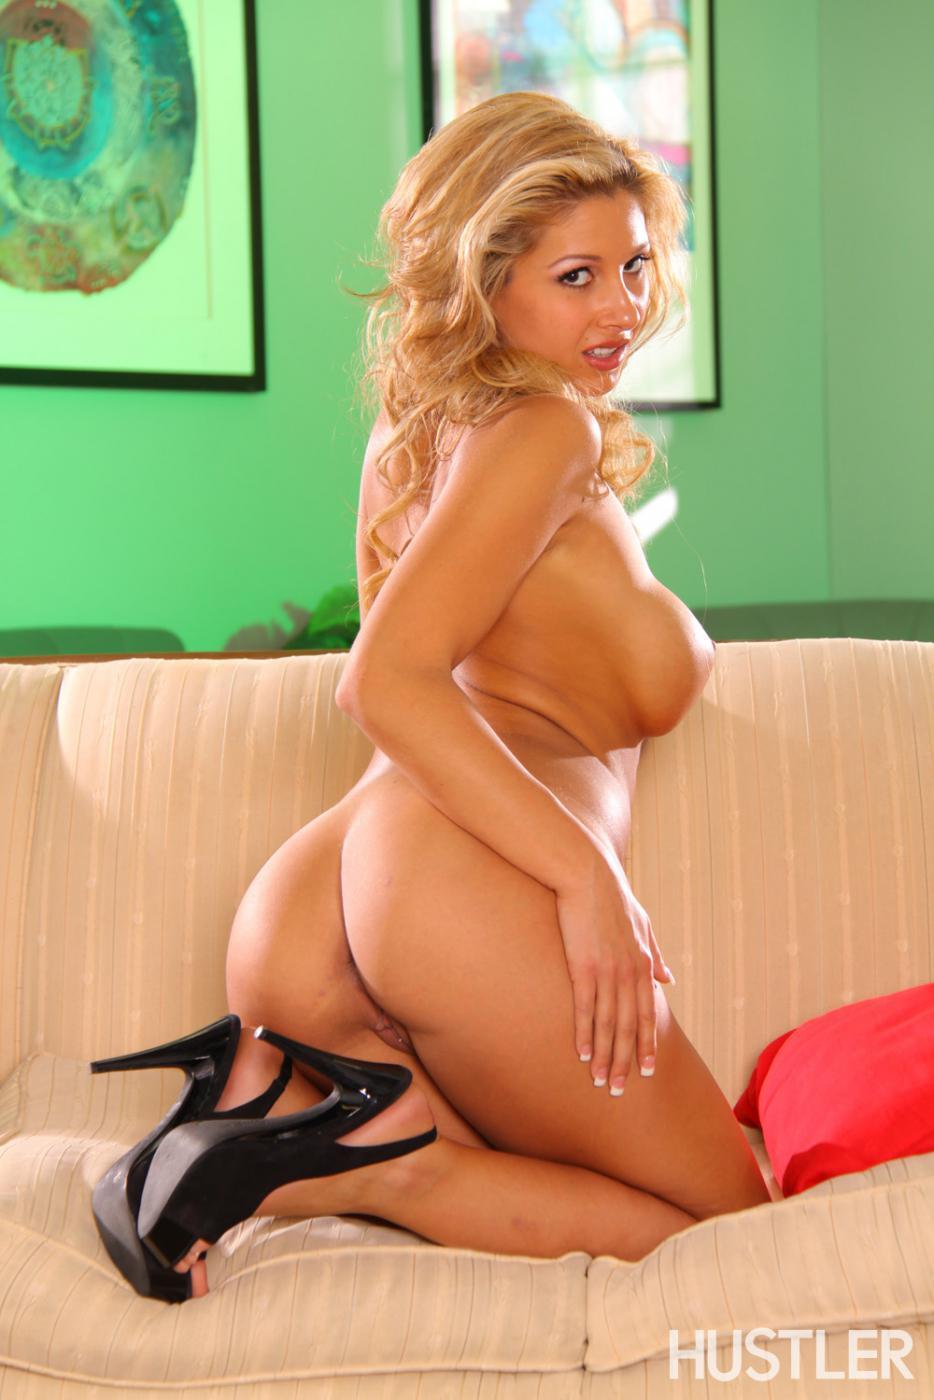 Чувственная светловолосая девушка Natalie Vegas с выдающимися округлыми грудями спускает сексуальное белье